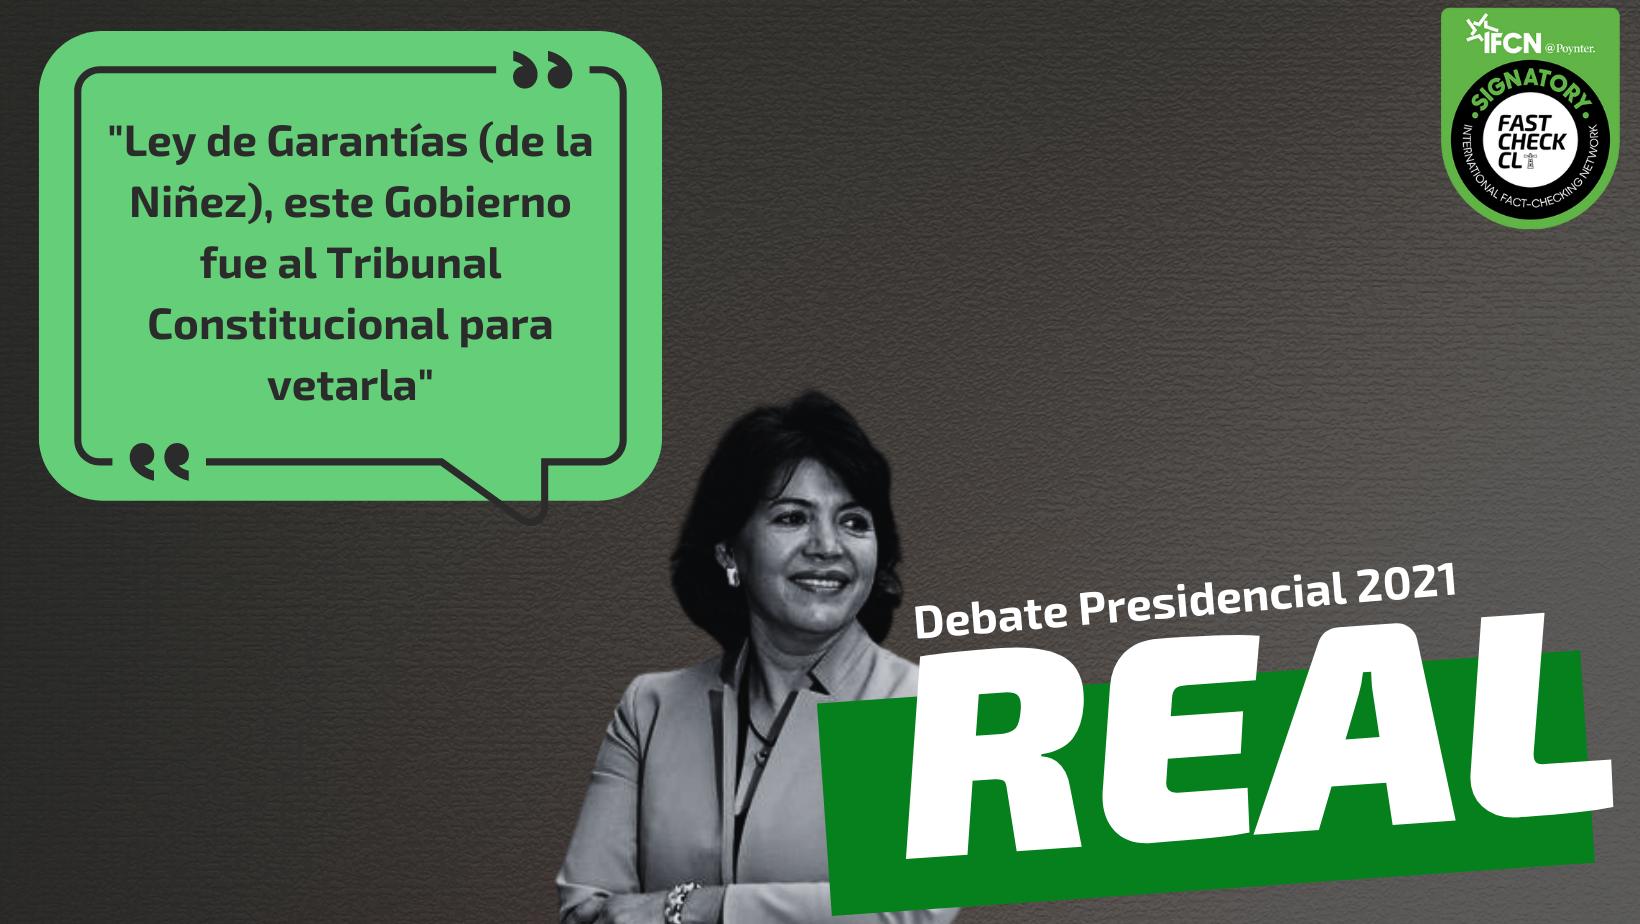 """Read more about the article """"Ley de Garantías (de la Niñez), este Gobierno fue al Tribunal Constitucional para vetarla"""": #Real"""